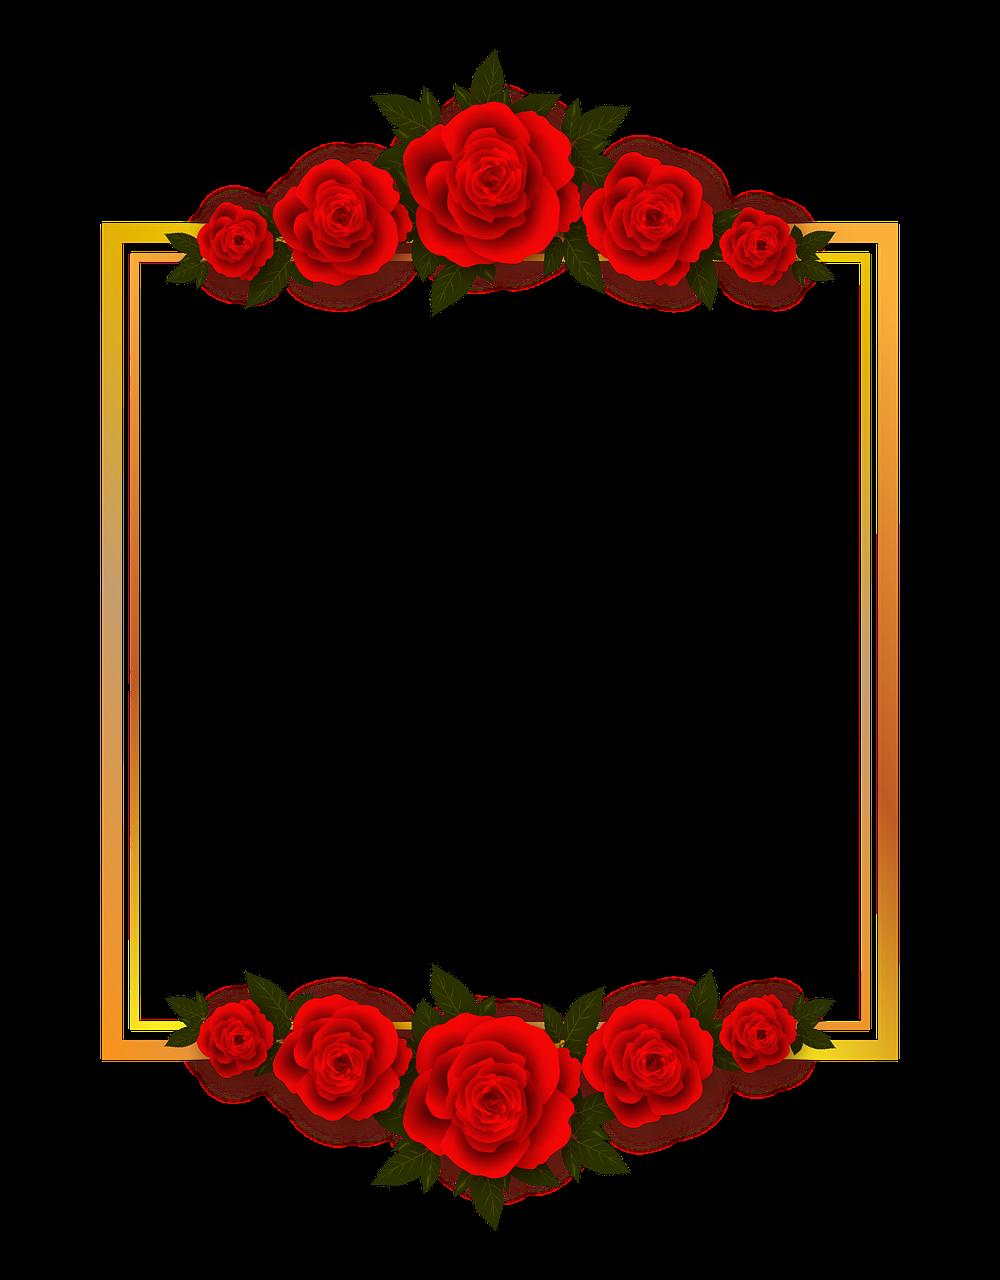 Clip Art Loving Clip Memory Art Loving Flowers Flowers Memory